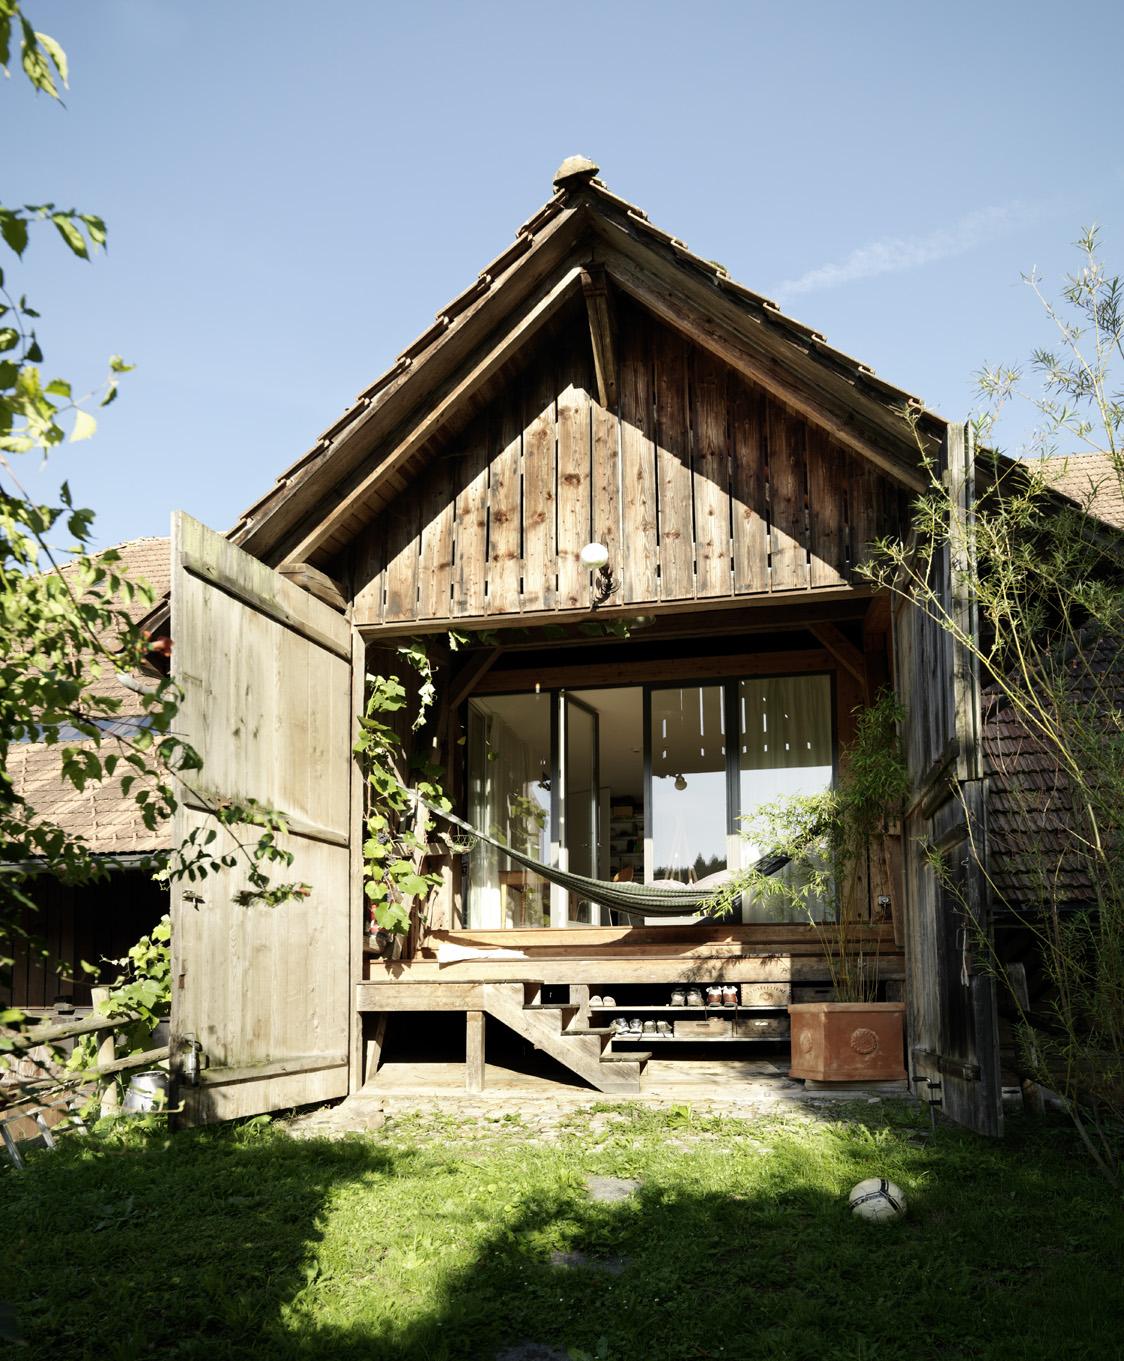 bauernhaus umbau w2 architekten bern. Black Bedroom Furniture Sets. Home Design Ideas